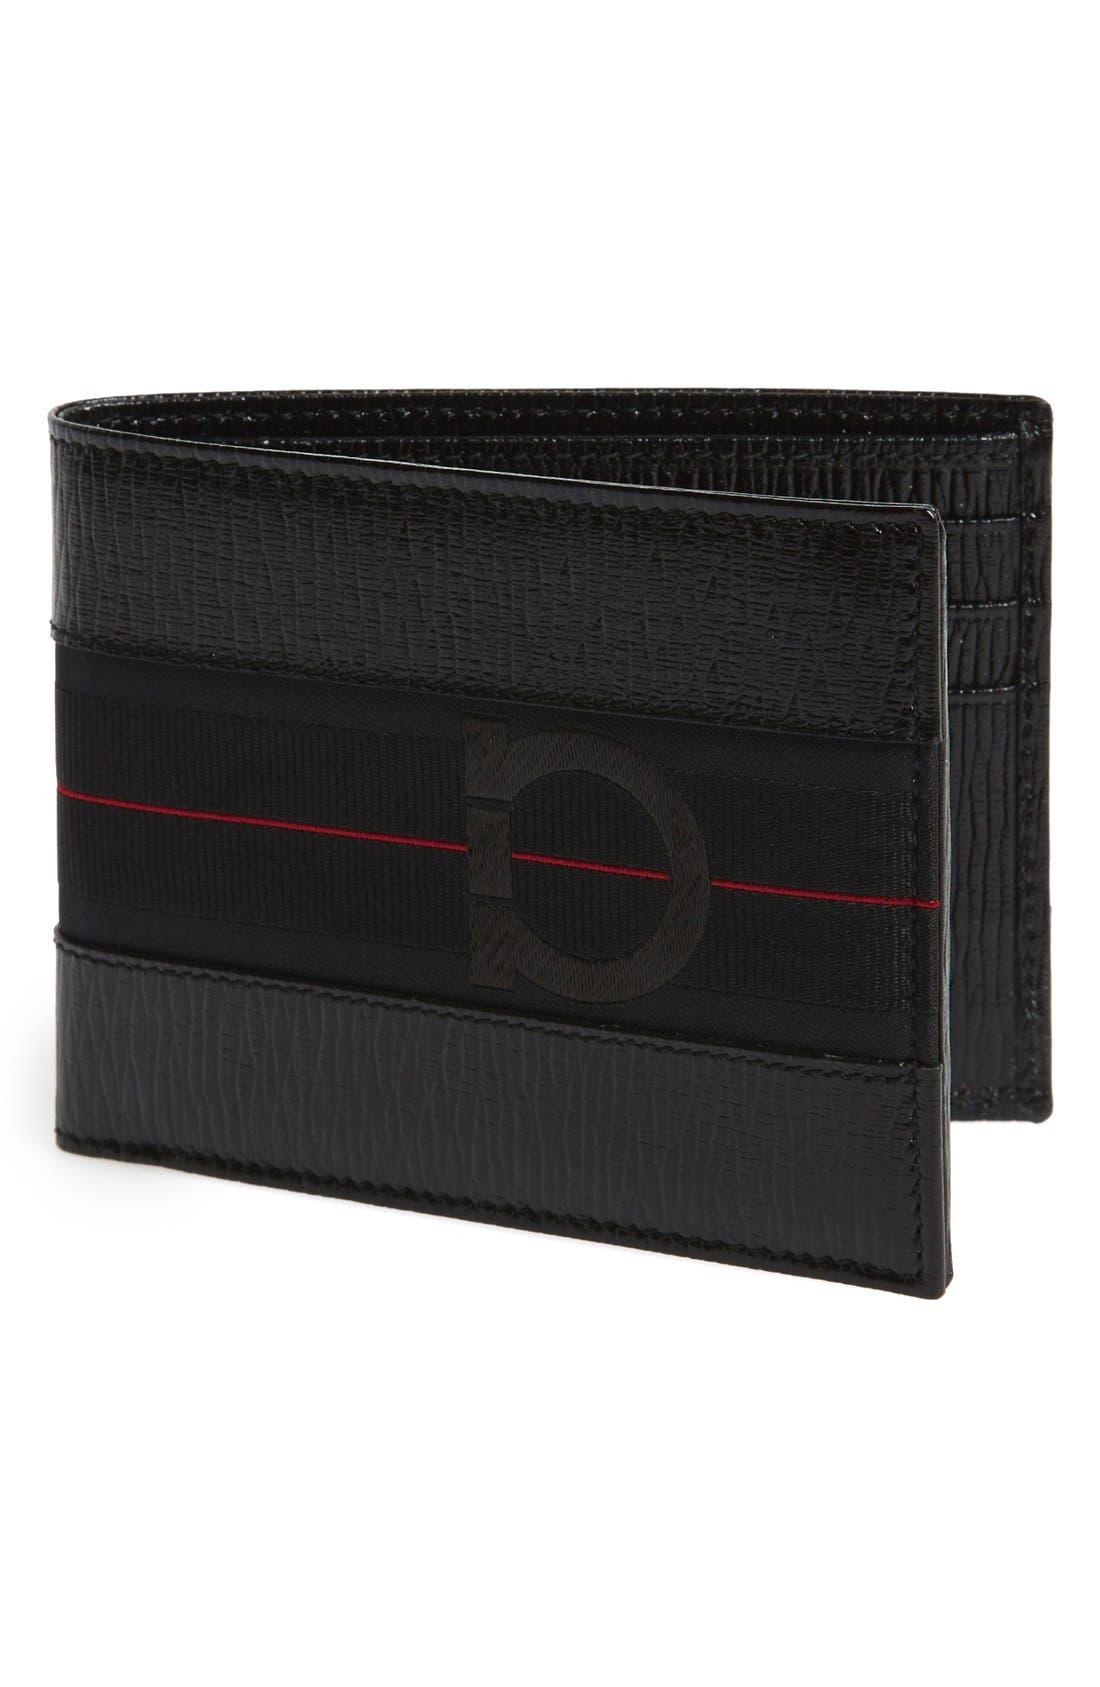 Main Image - Salvatore Ferragamo 'Revival' Wallet